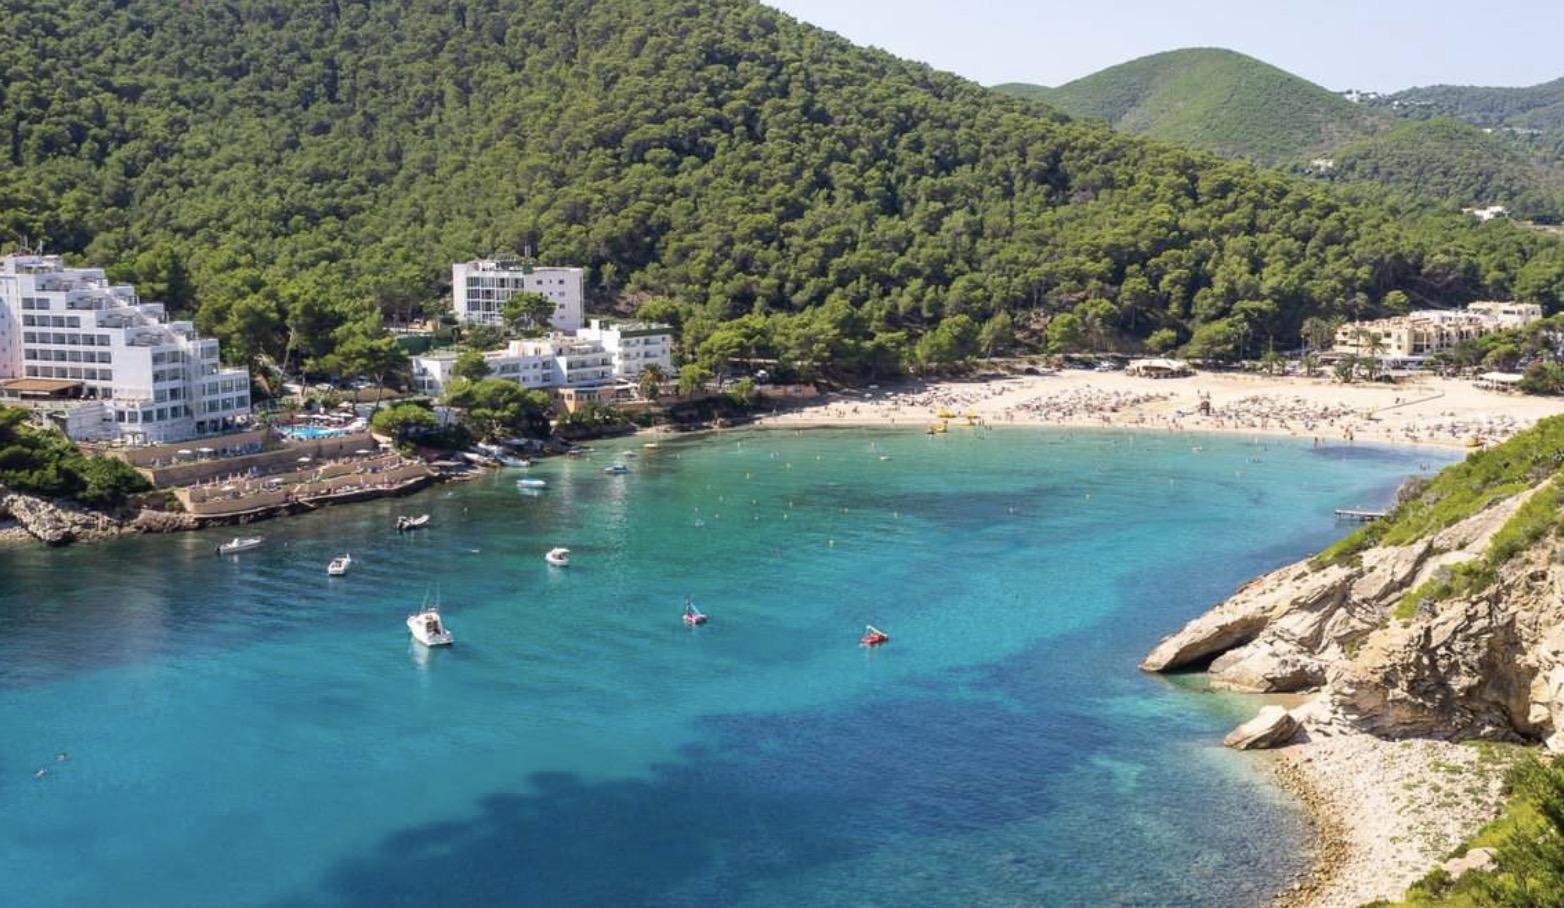 De mooiste stranden van Ibiza - Cala Llonga - een echt familiestrand in het noordoosten van Ibiza.